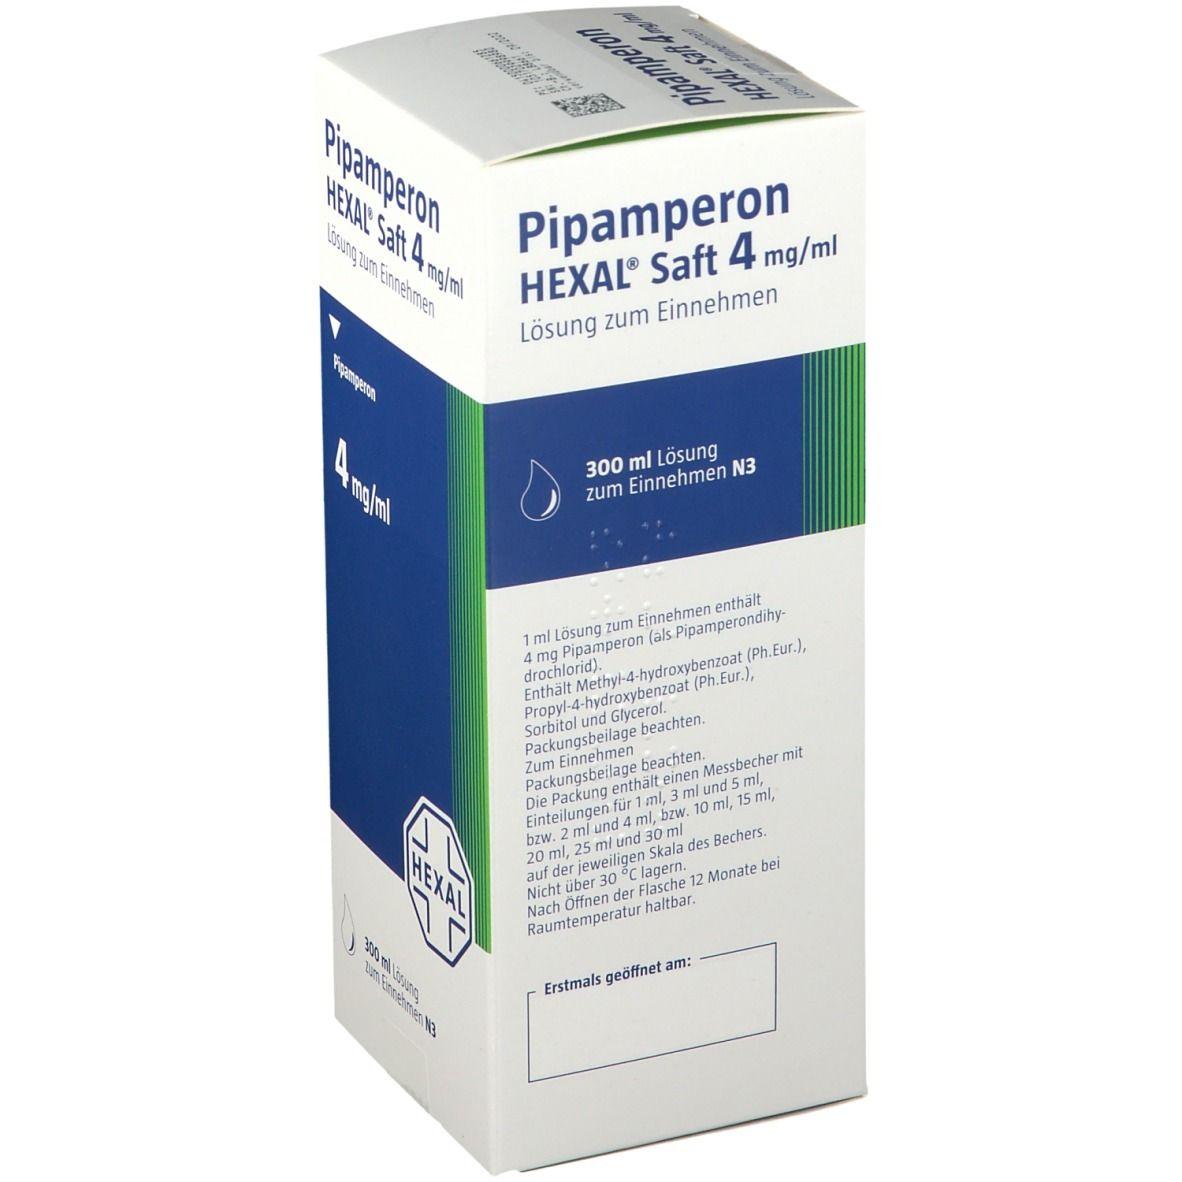 Pipamperon HEXAL® Saft 4 mg/ml Lösung zum Einnehmen